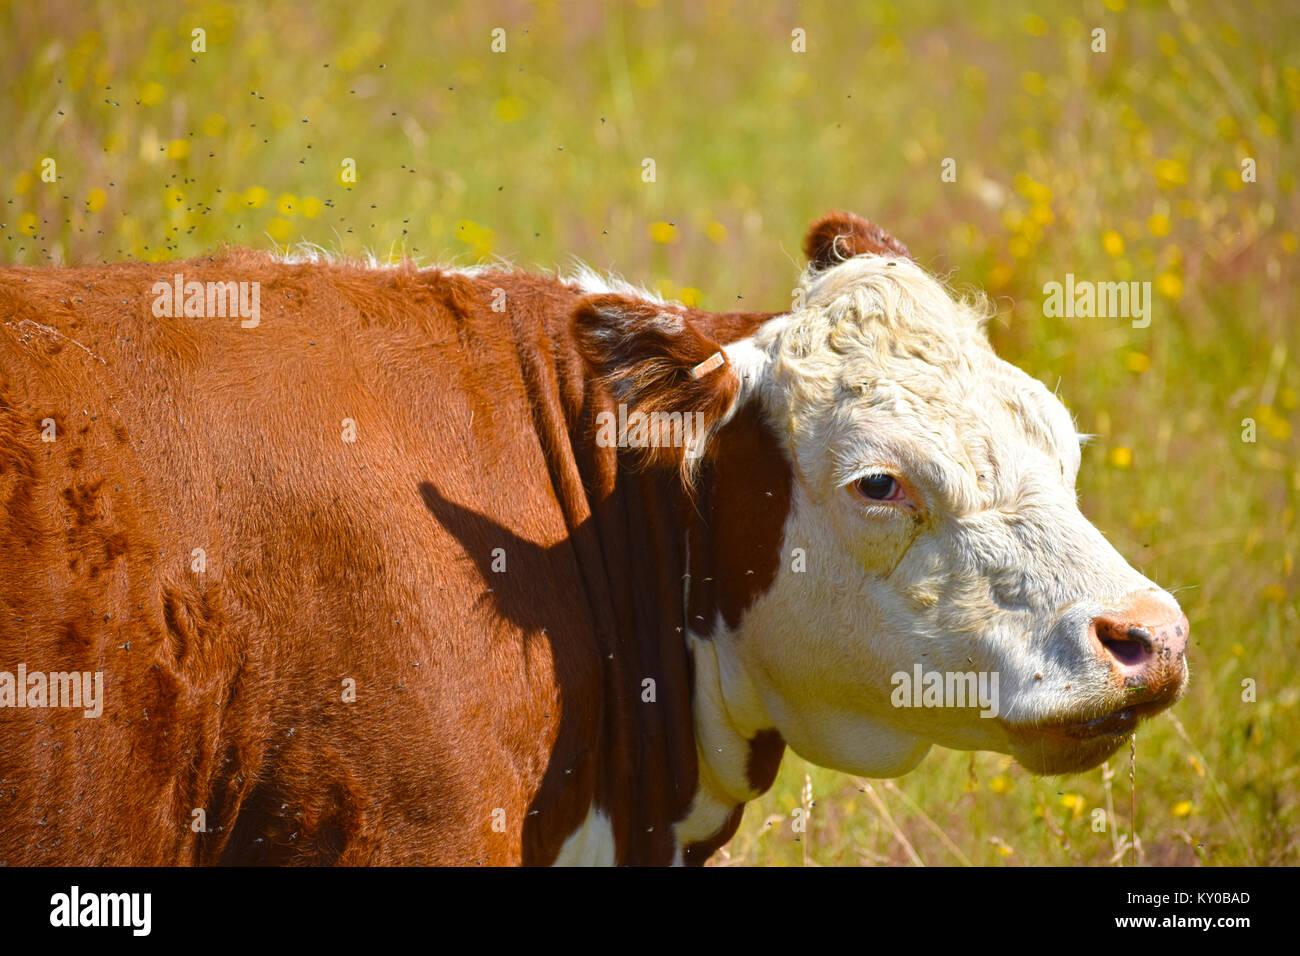 Misere di mucca con migliaia di mosche irritante per lei - essa si erge in un campo sfocata di tarassaco. Immagini Stock